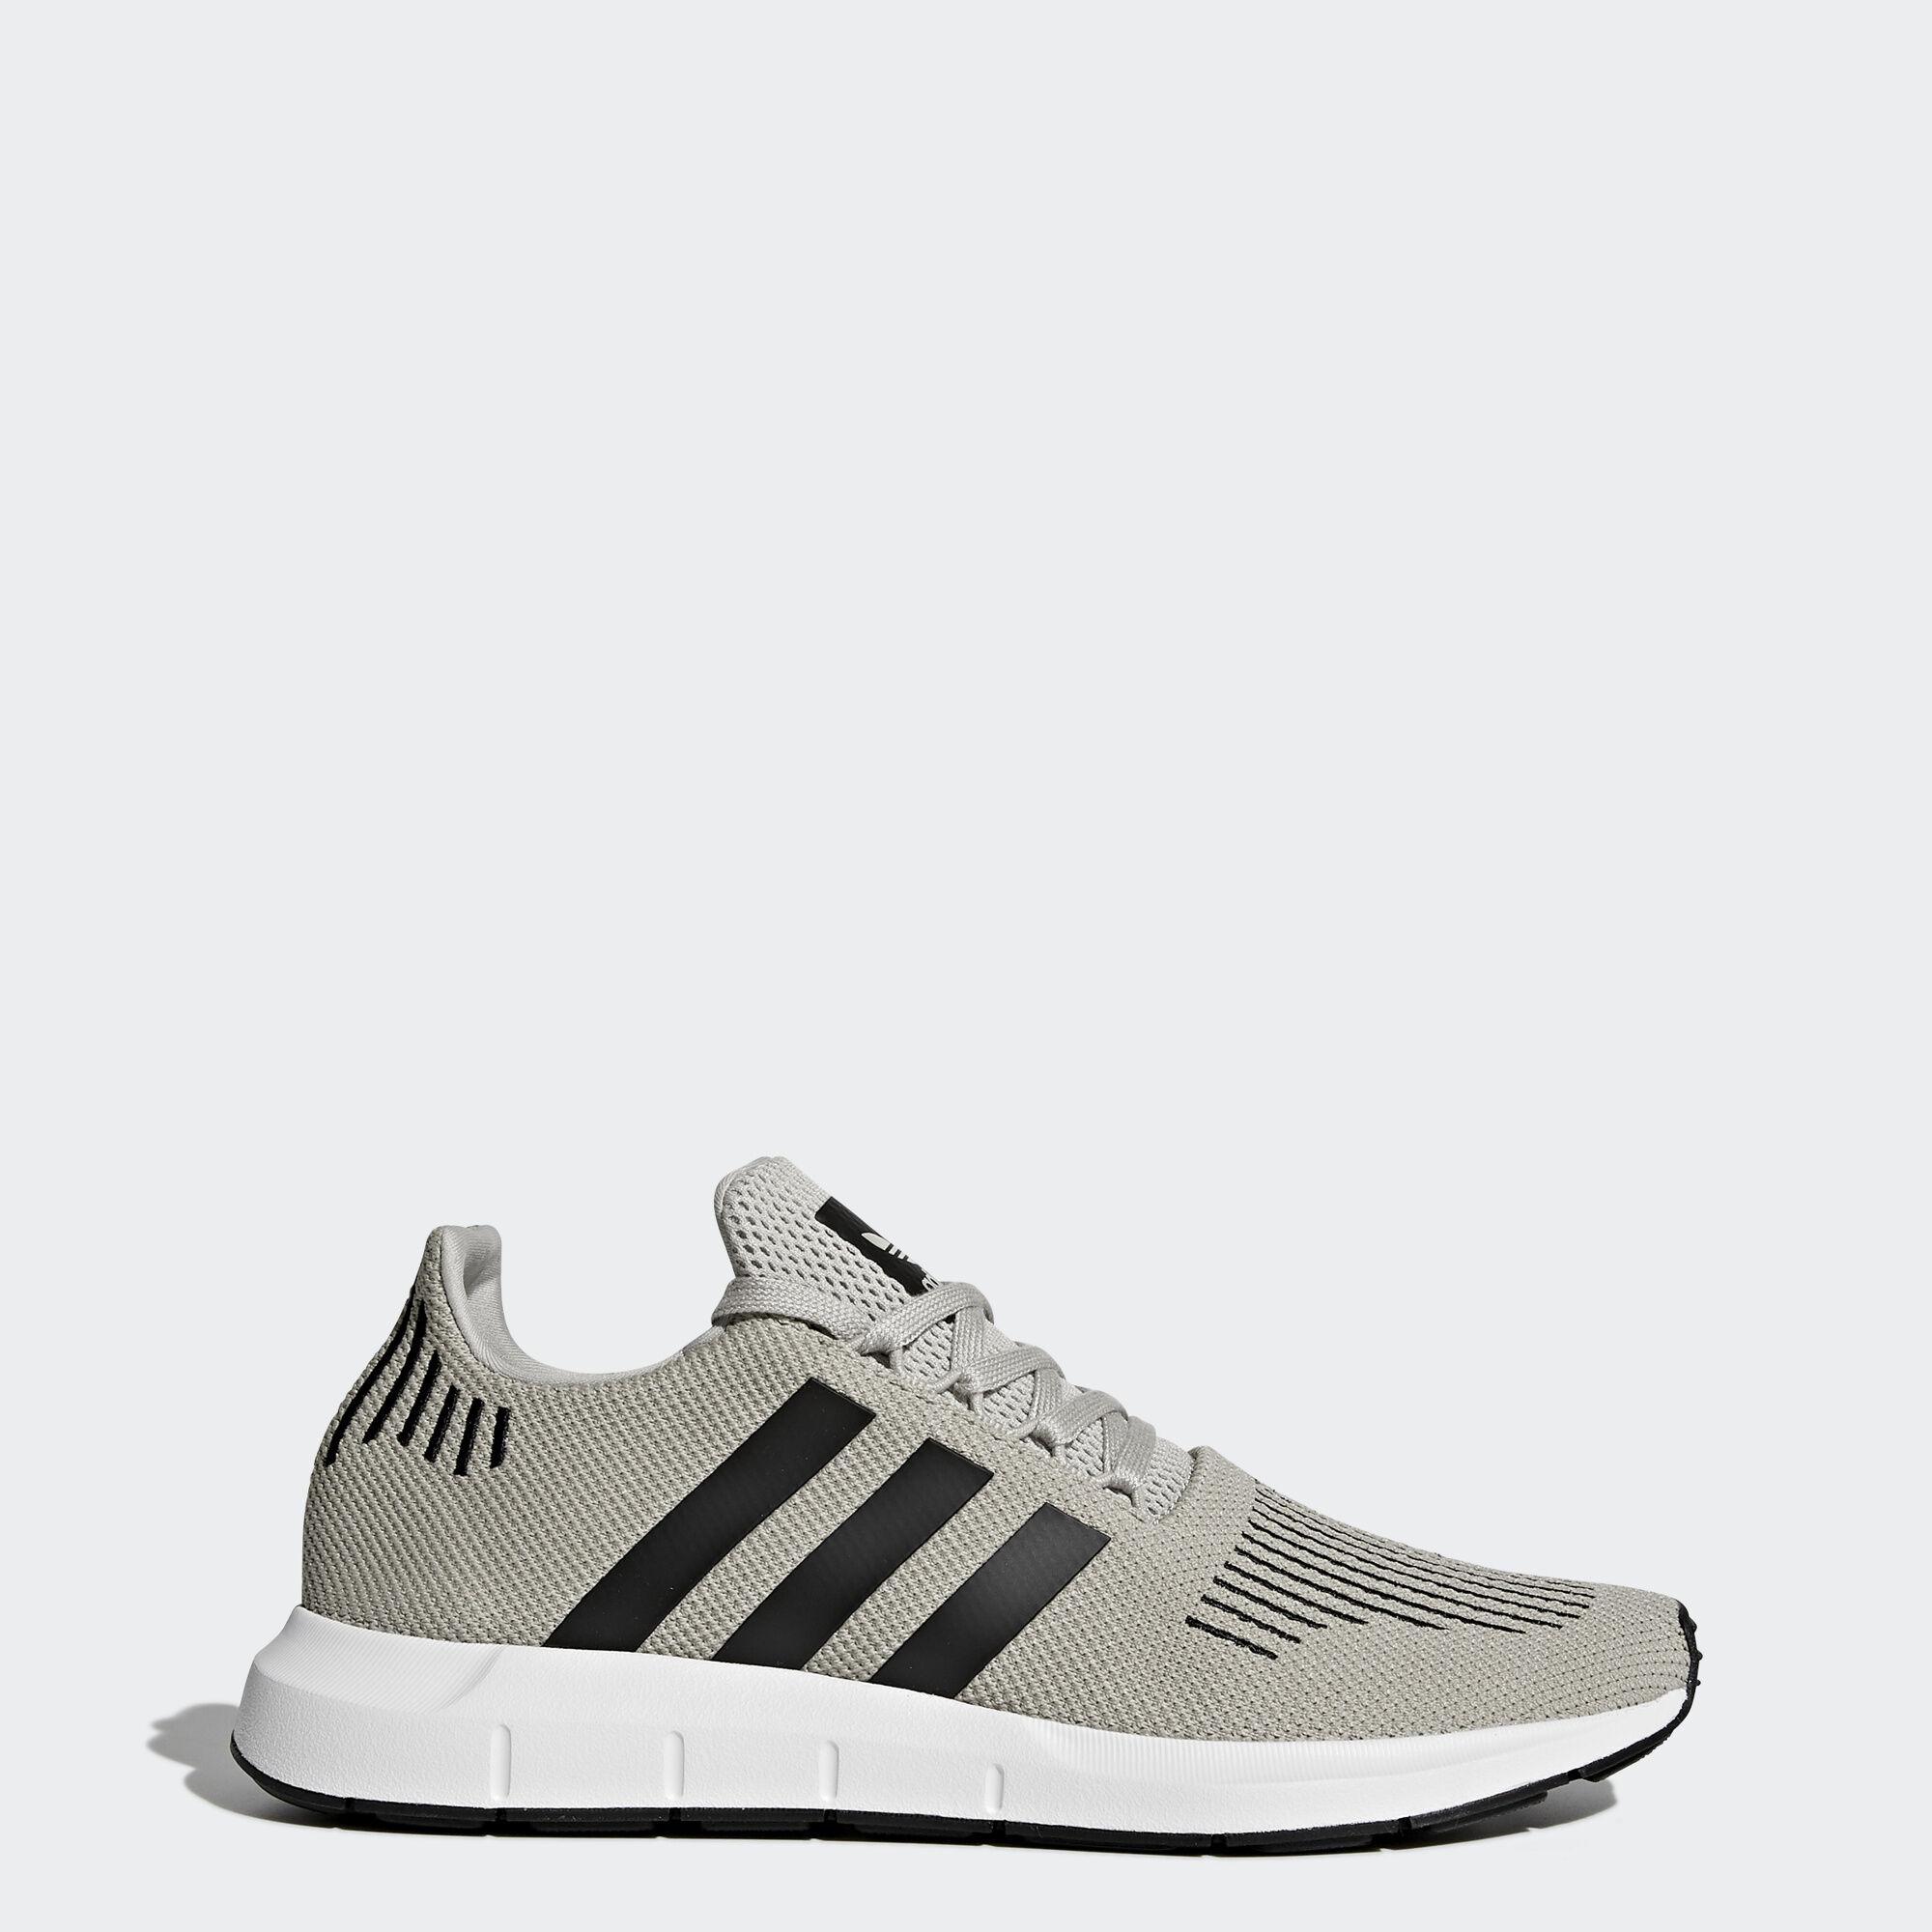 Adidas Swift Run Shoes Grey Adidas Regional